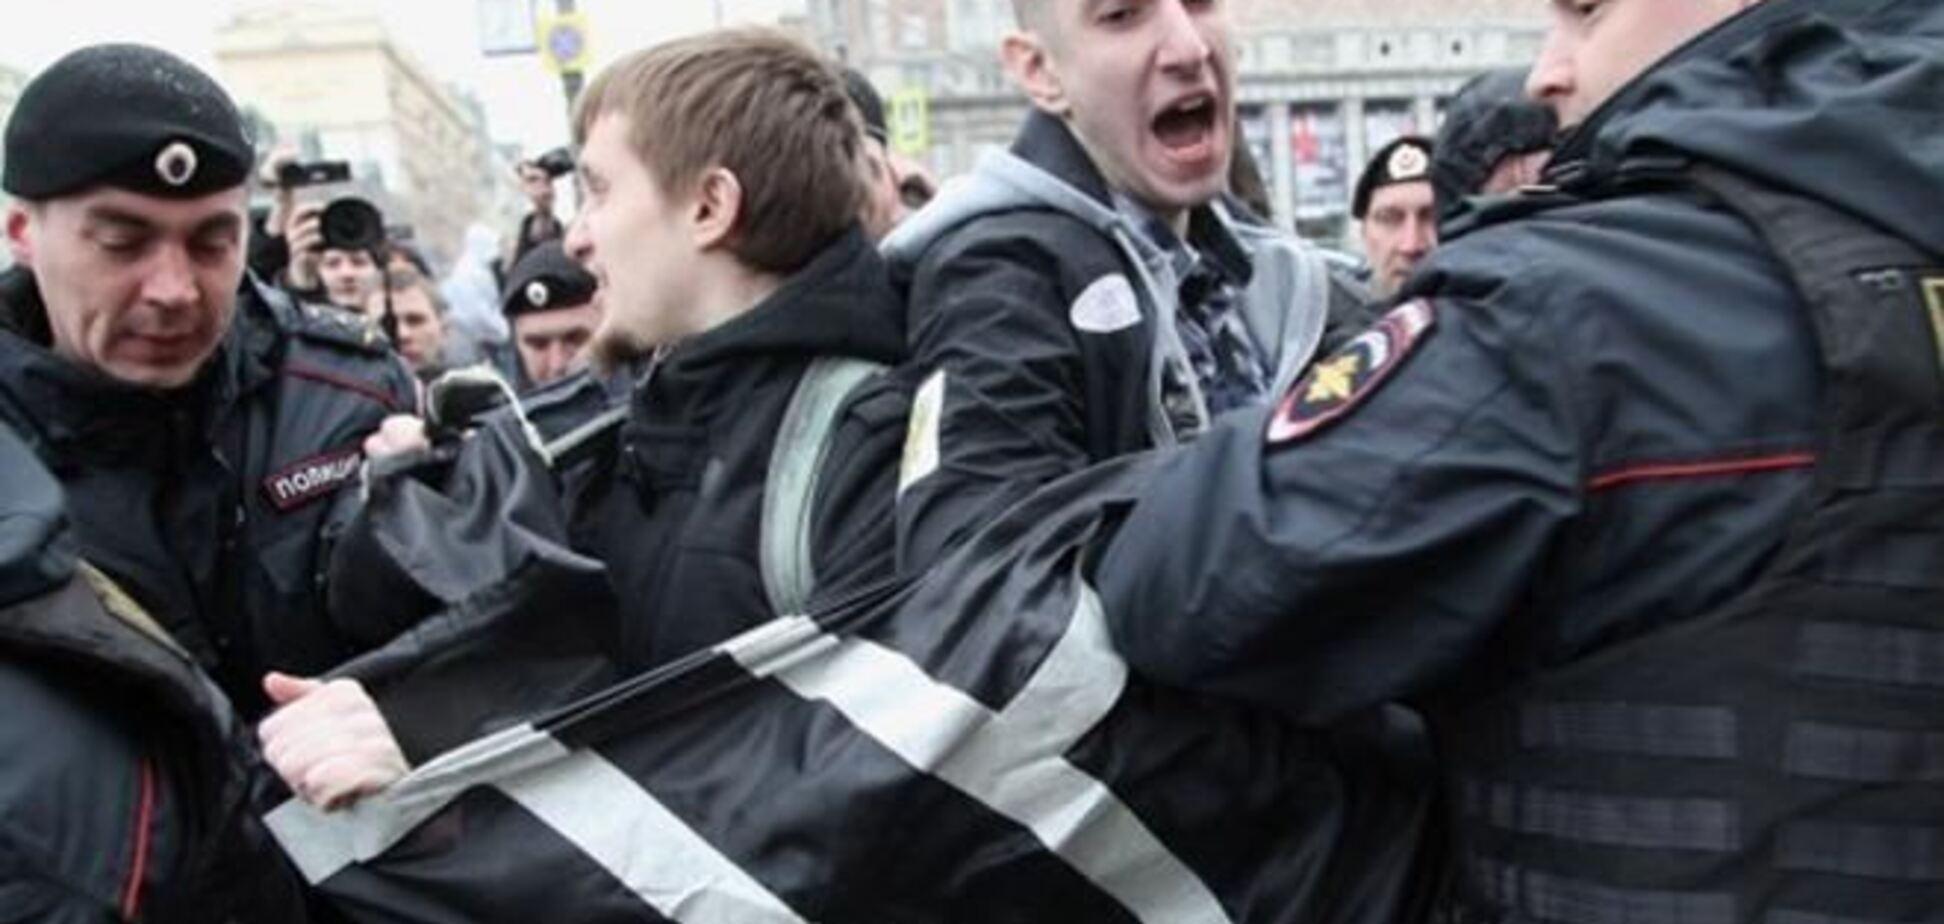 В Москве арестовали сторонников присоединения Харькова и Донецка к России